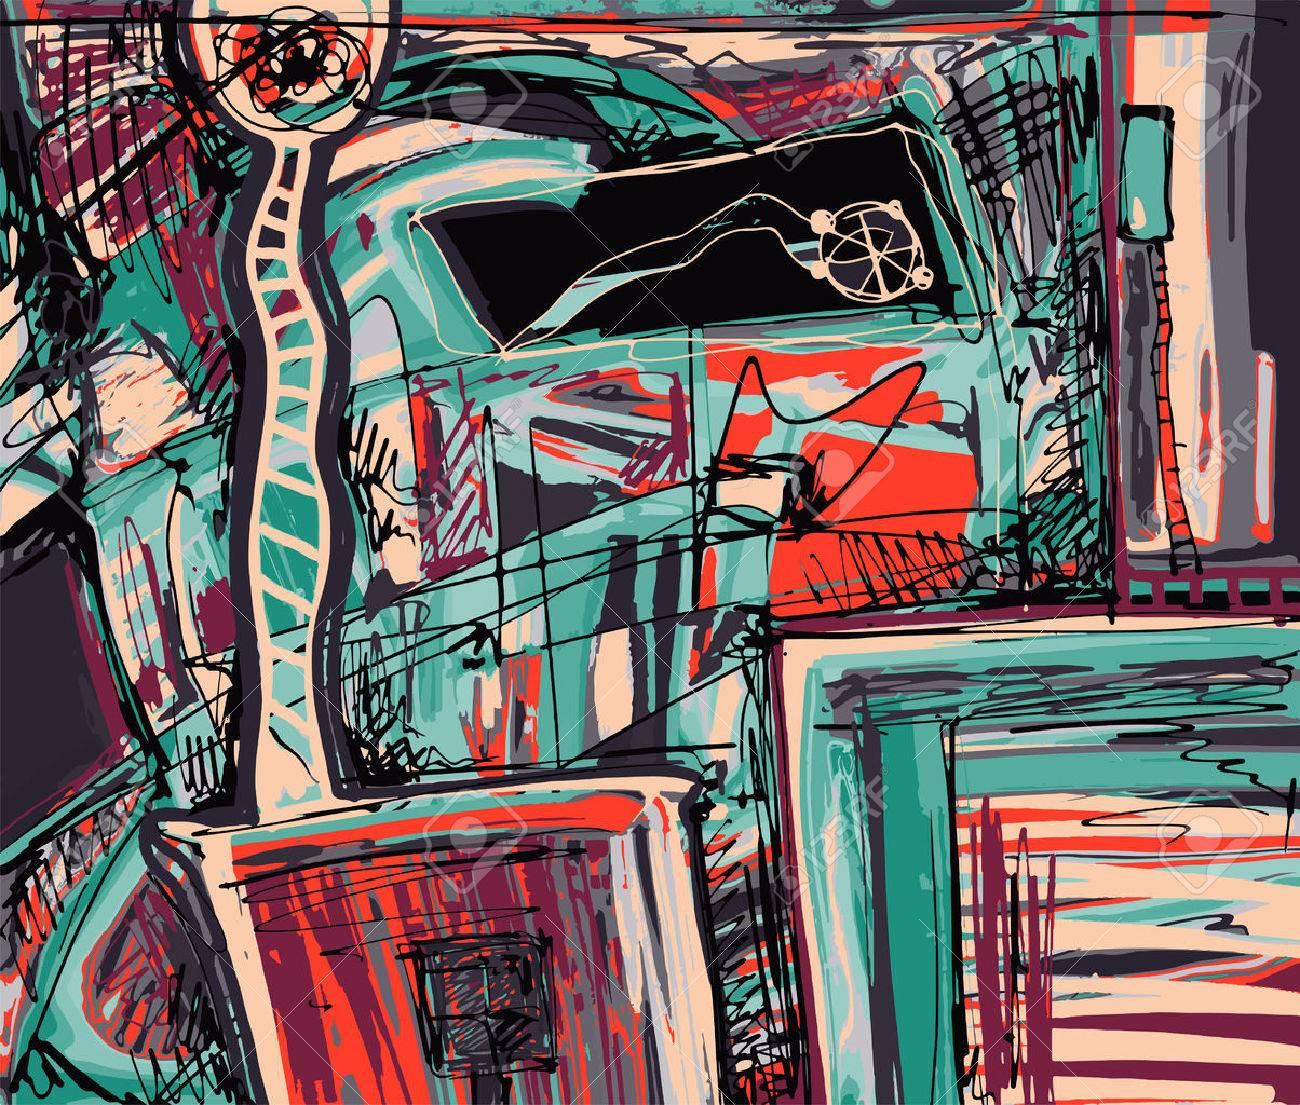 Peinture Numerique Originale De La Composition De L Abstraction Vous Pouvez Utiliser Cette Uvre Impression Dans Interieur Design Textile La Page Decoration Emballage Livre D Art Et D Autres Illustration Vectorielle Clip Art Libres De